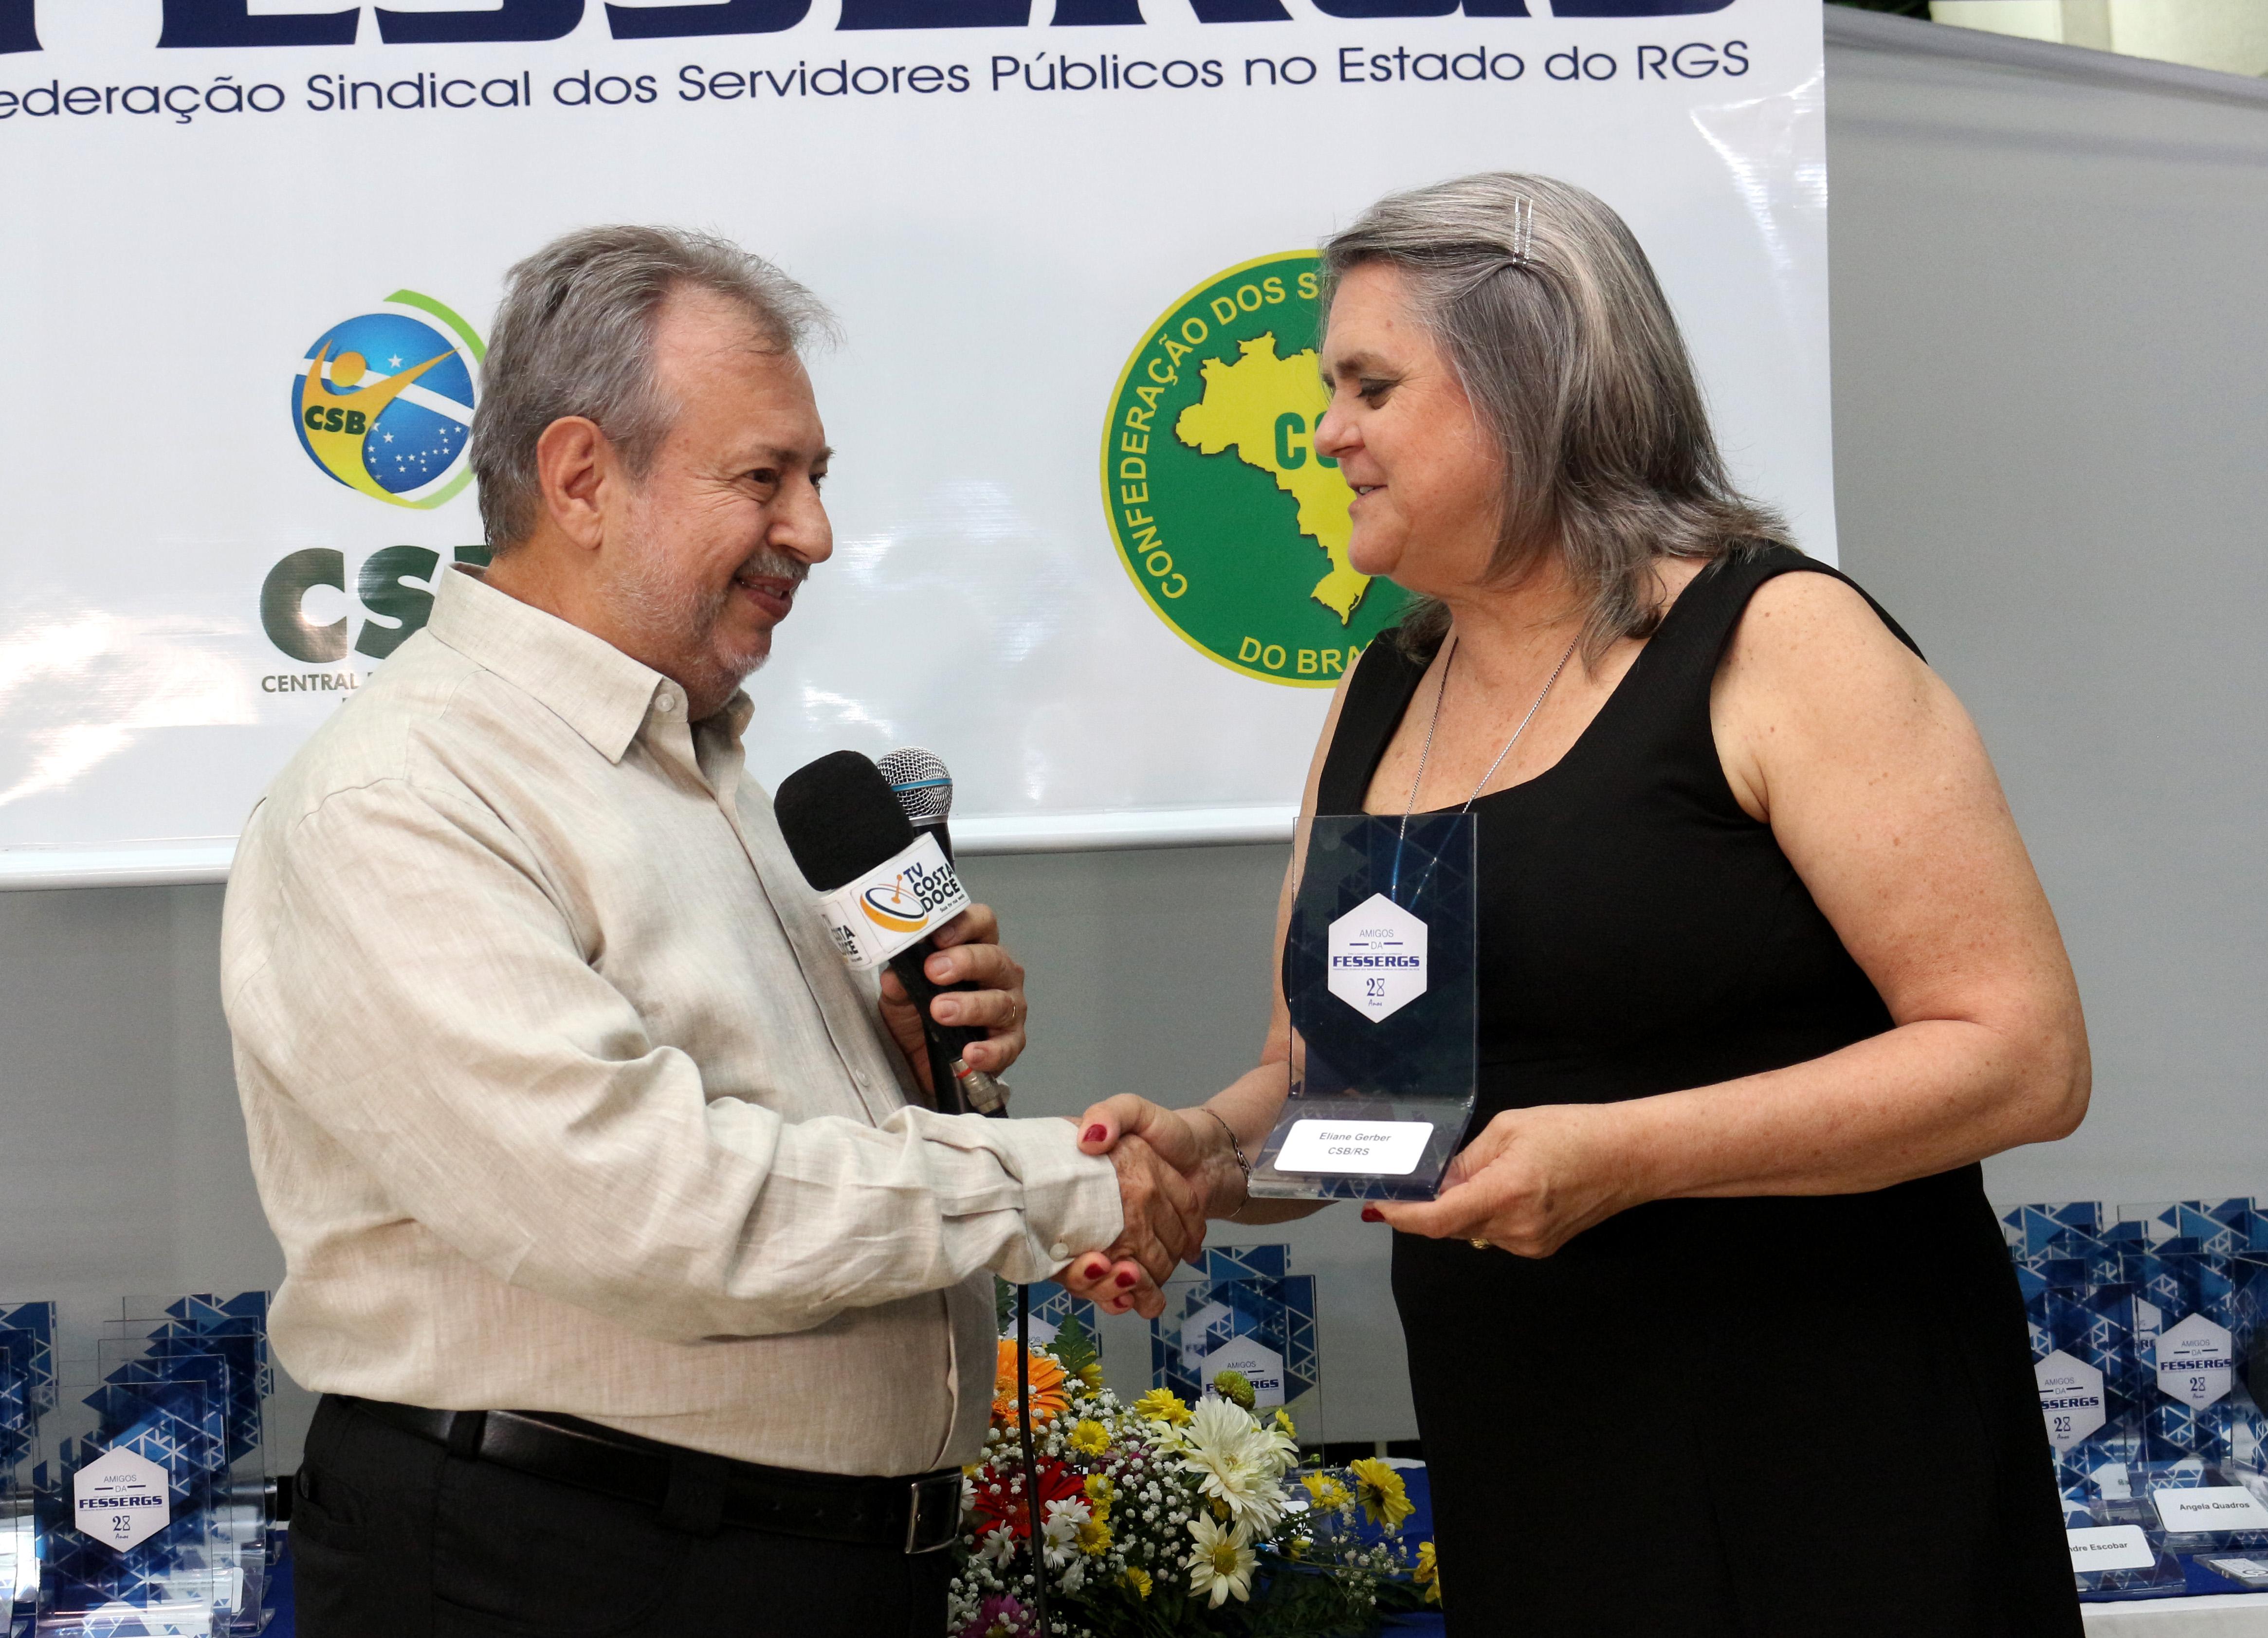 CSB é homenageada por Federação Sindical do Rio Grande do Sul